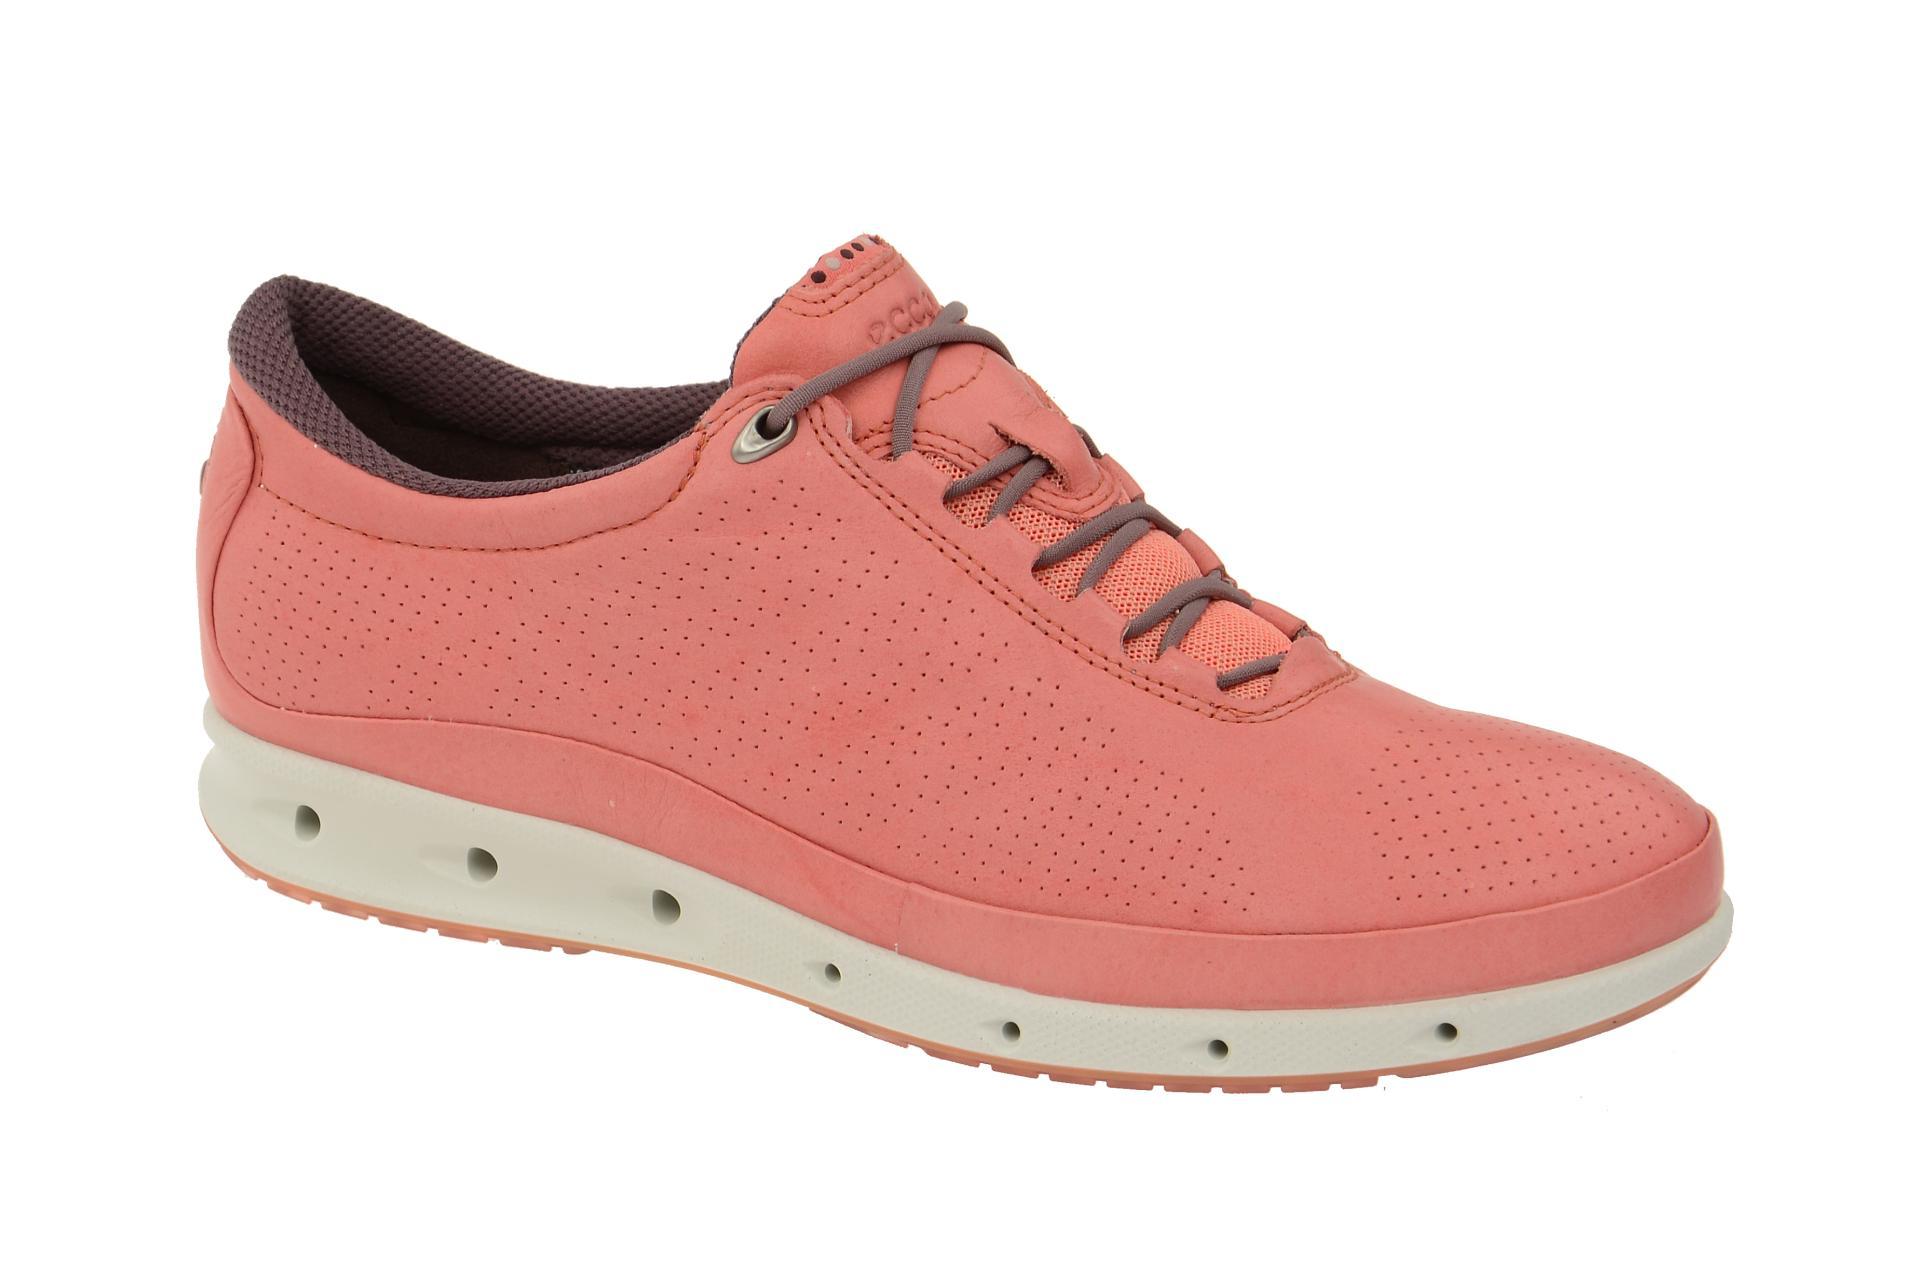 70f5005b40383c Ecco Cool Schuhe rosa coral GORE-TEX - Schuhhaus Strauch Shop